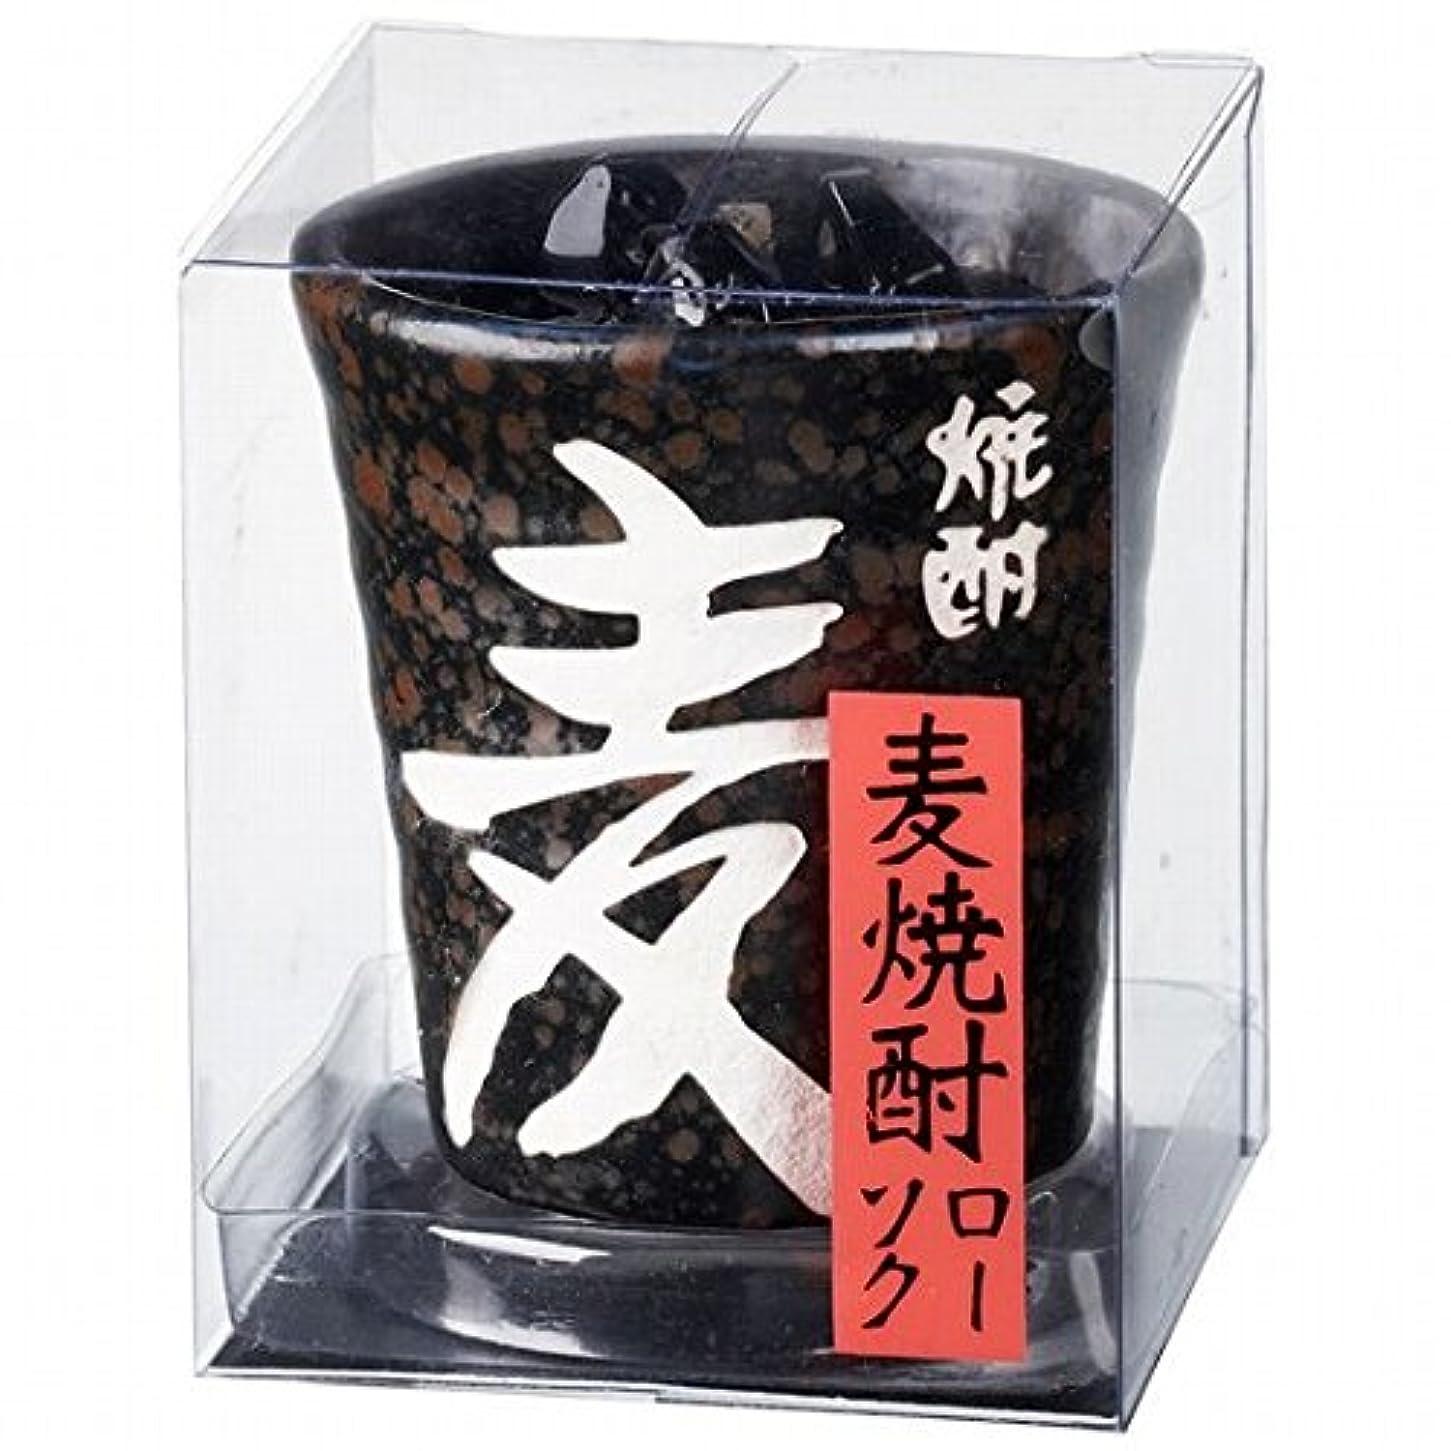 祖先スピーチ宿題をするカメヤマキャンドル(kameyama candle) 麦焼酎ローソク キャンドル